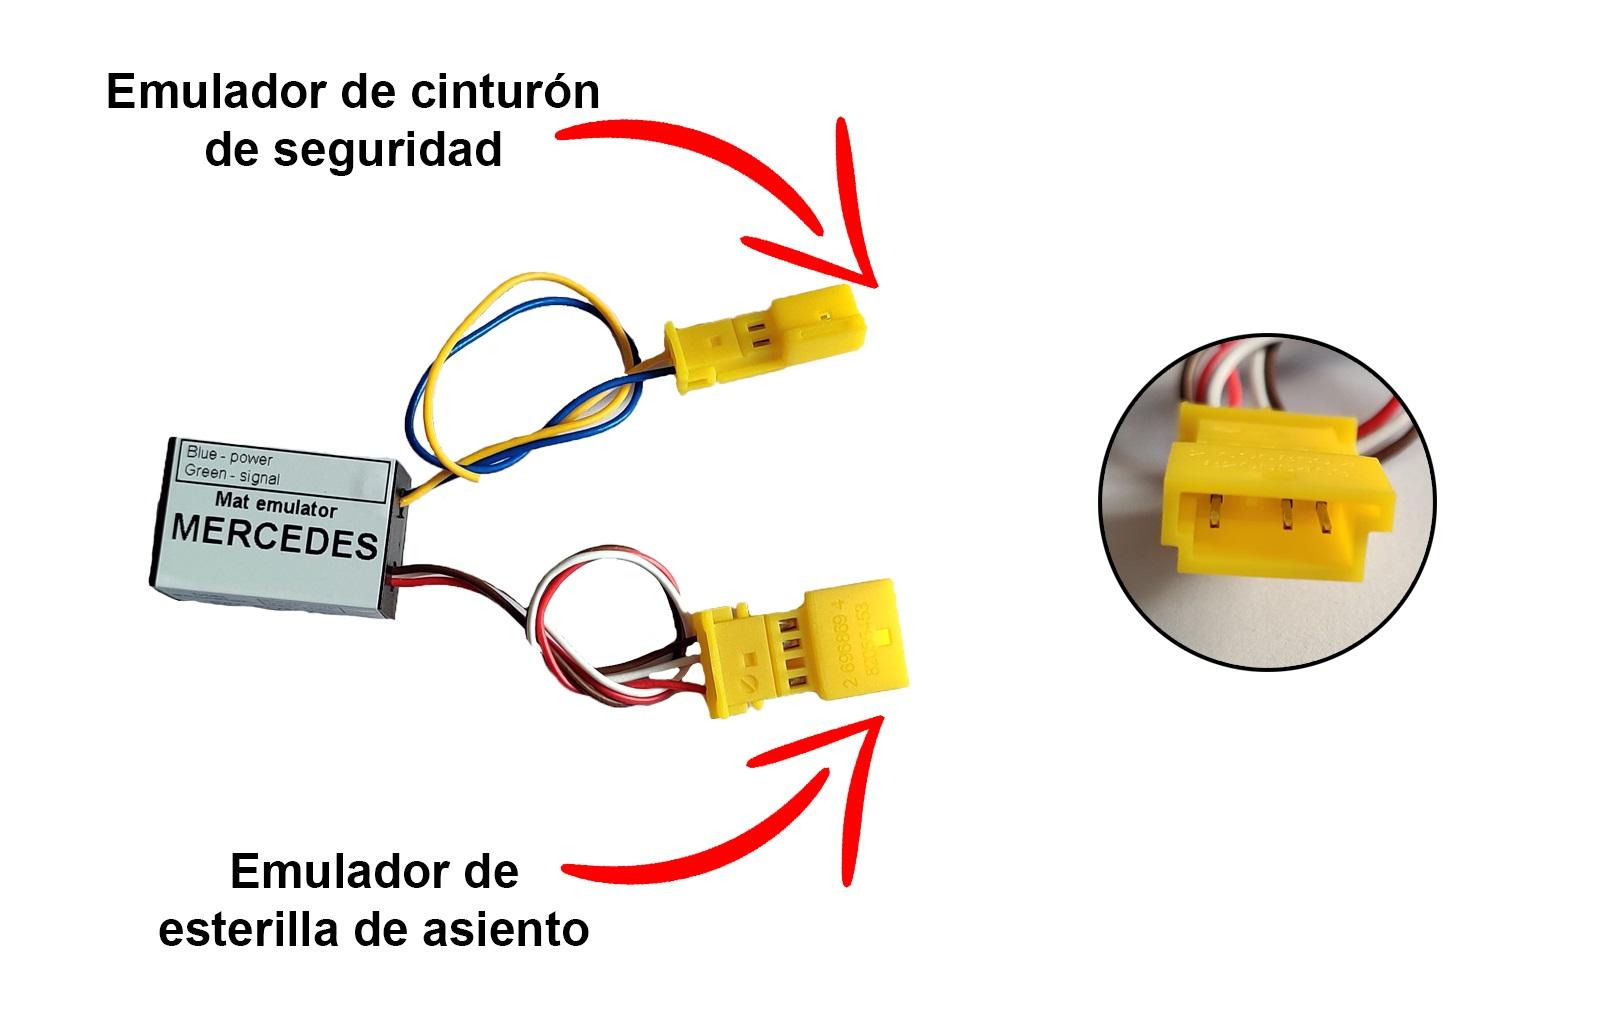 Esterilla simulador mercedes w 211 envío gratuito!